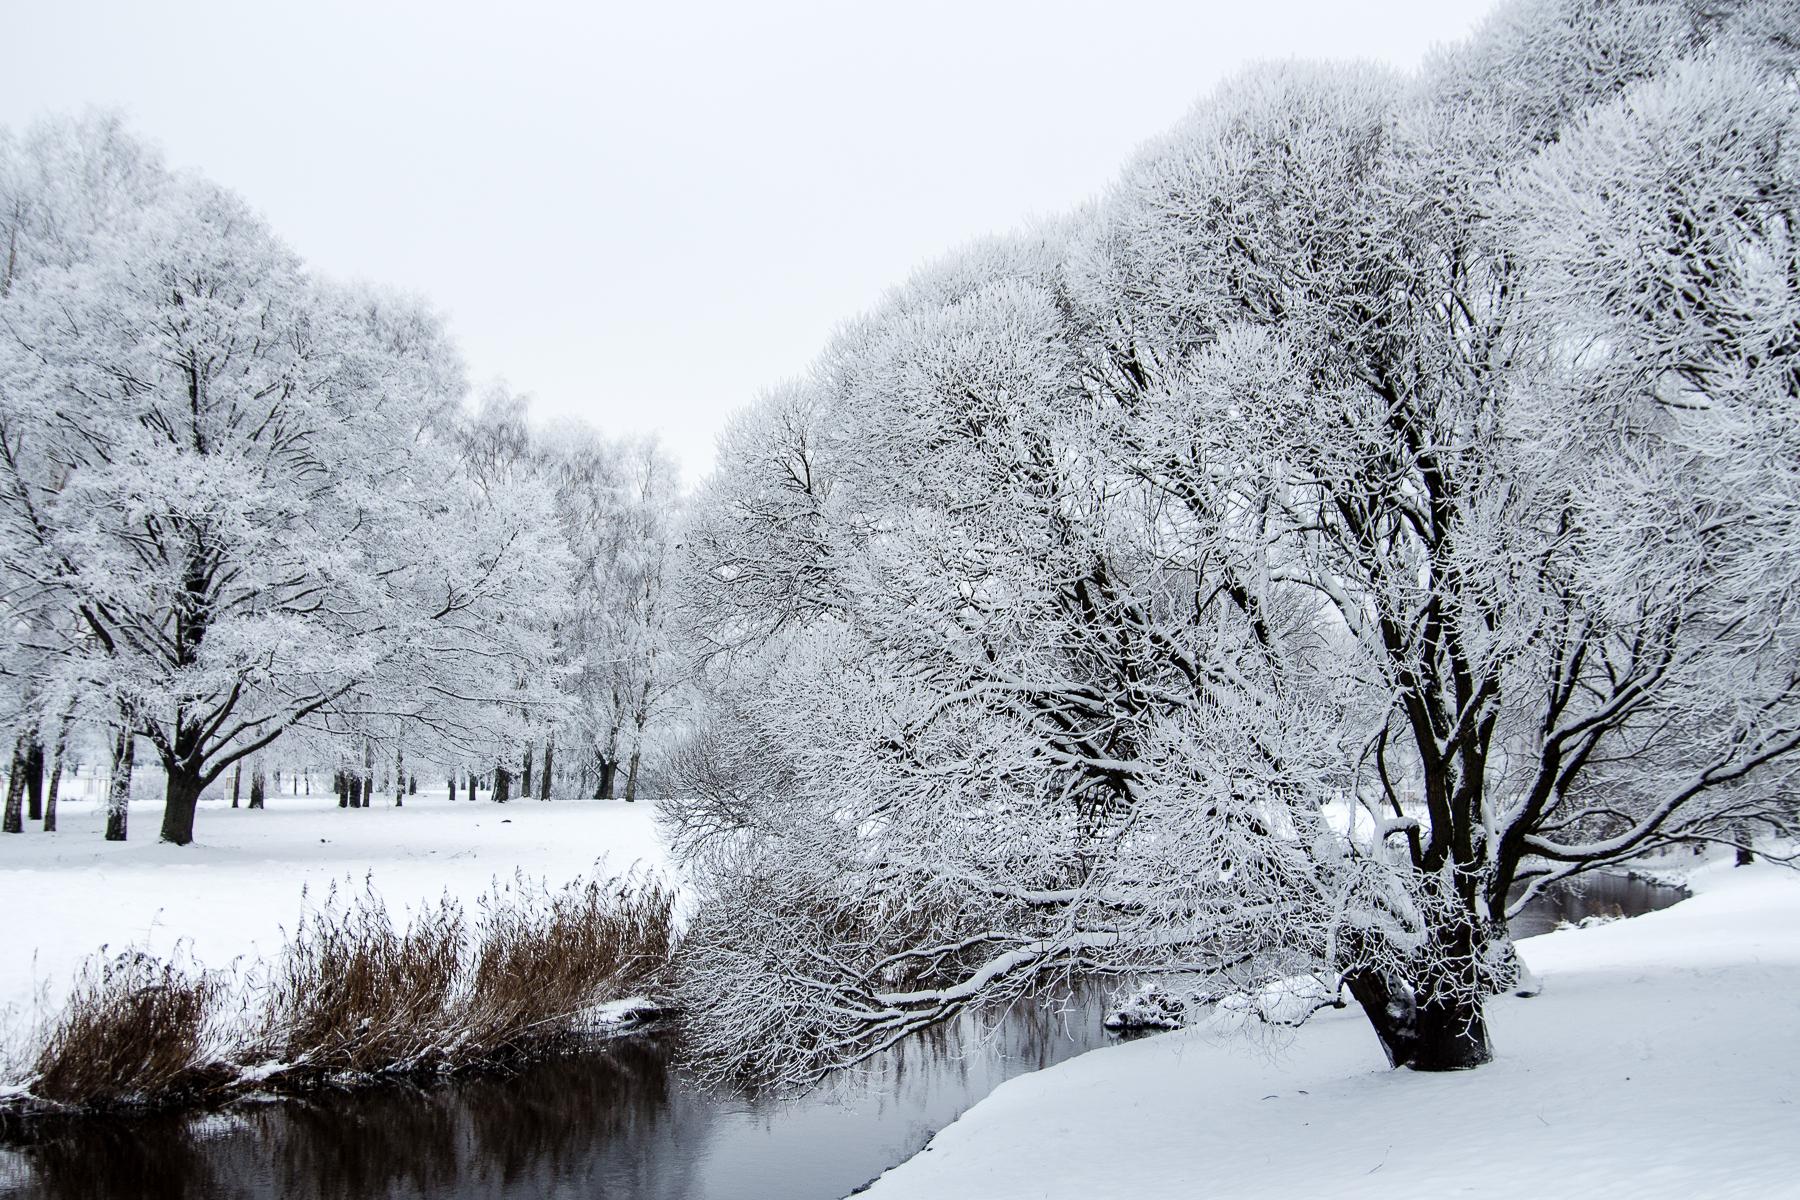 Park In Snow Via @Atisgailis